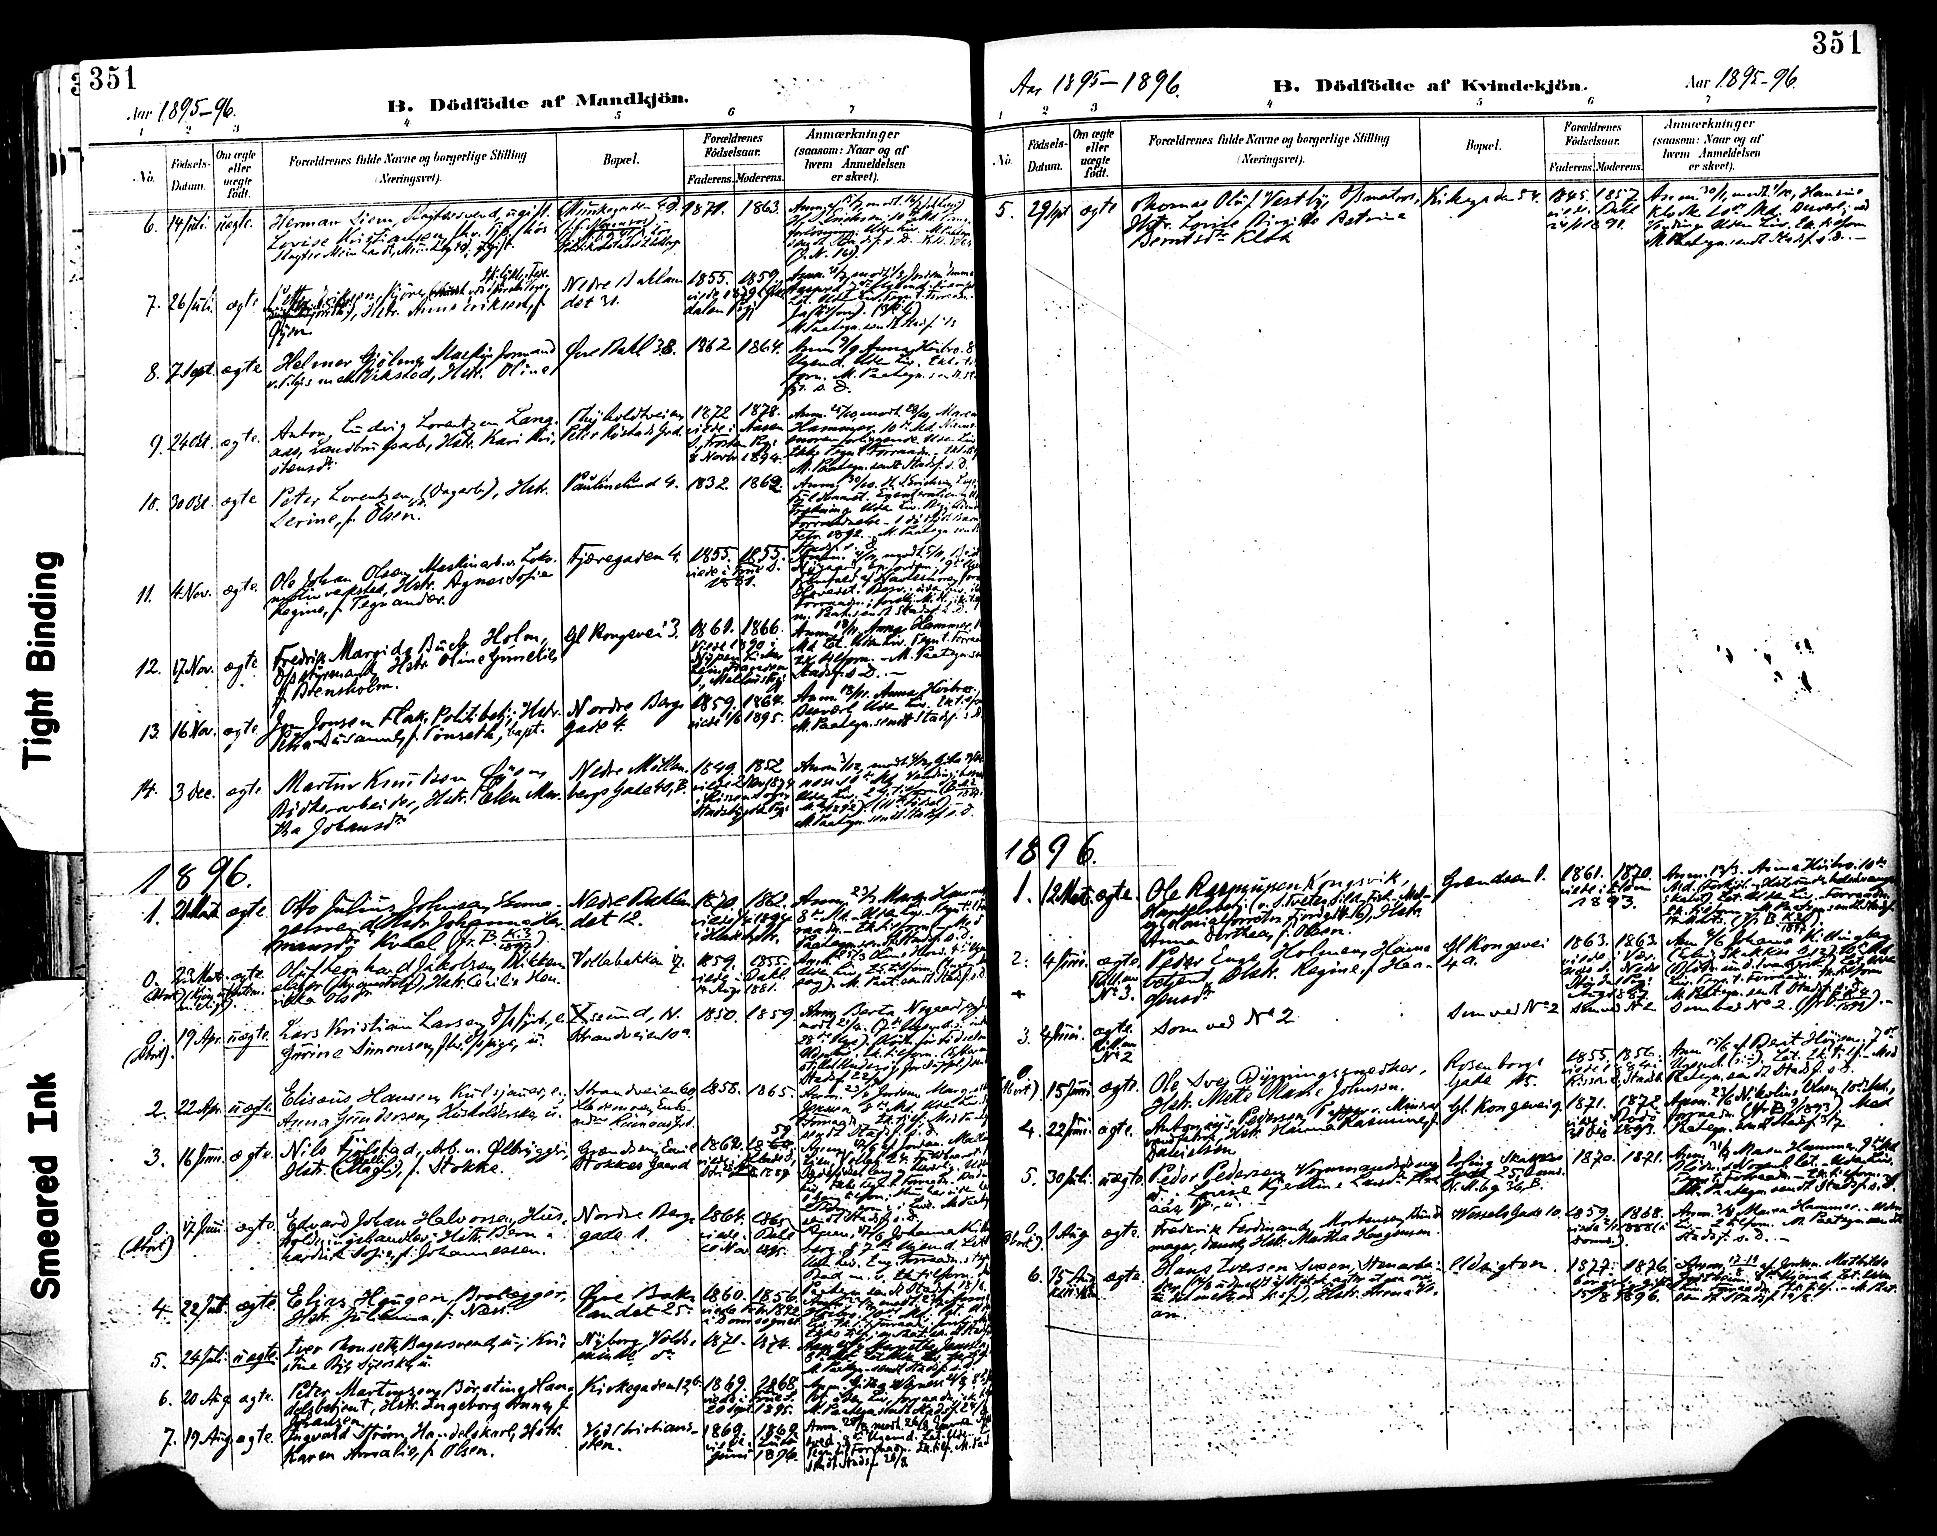 SAT, Ministerialprotokoller, klokkerbøker og fødselsregistre - Sør-Trøndelag, 604/L0197: Ministerialbok nr. 604A18, 1893-1900, s. 351